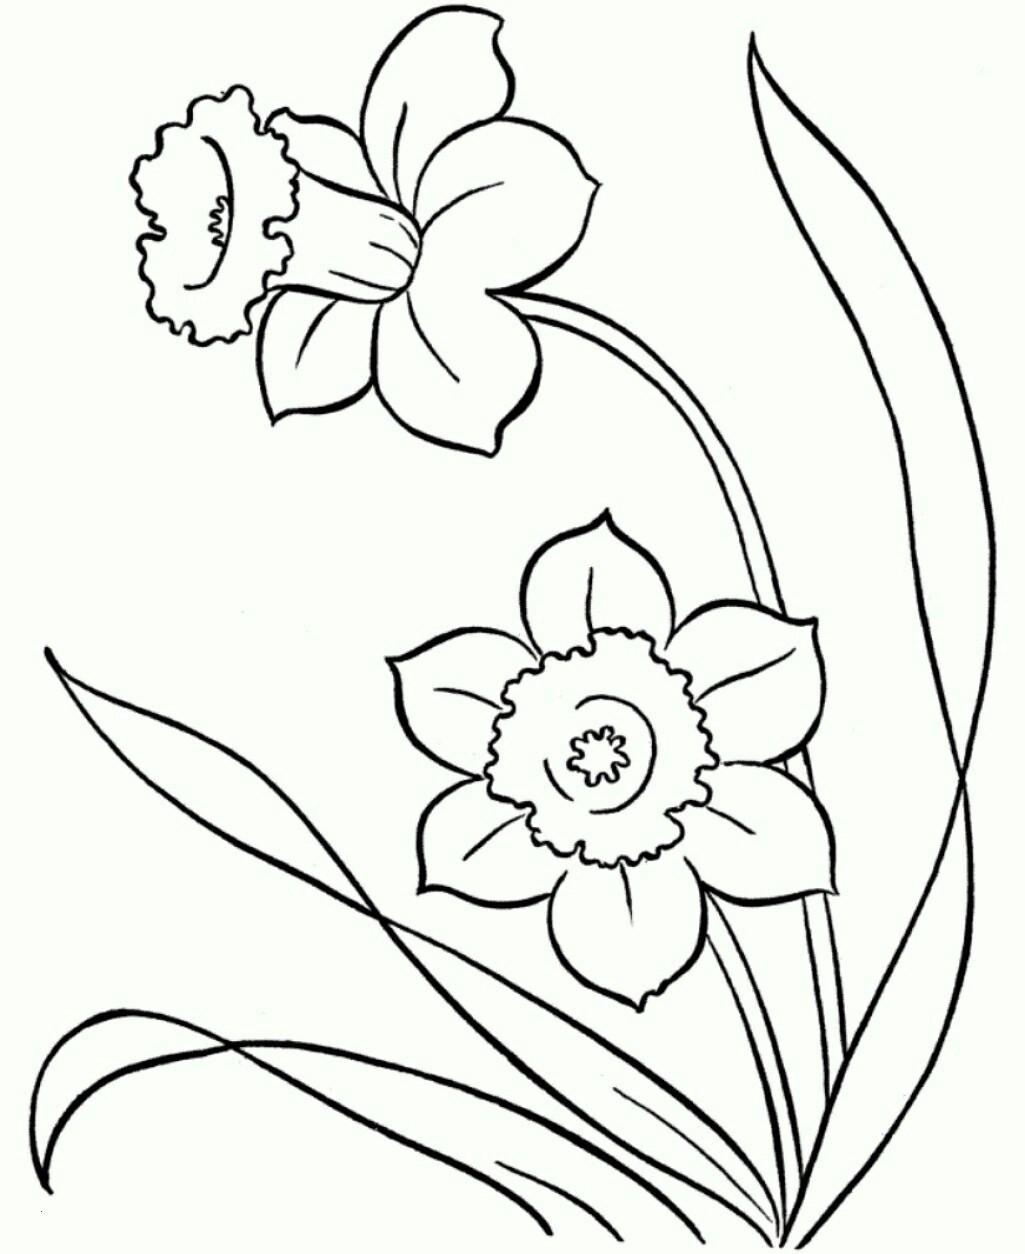 Malvorlagen Blumen Rosen Genial Malvorlagen Rosen Inspirierend 40 Ausmalbilder Rosen Scoredatscore Sammlung